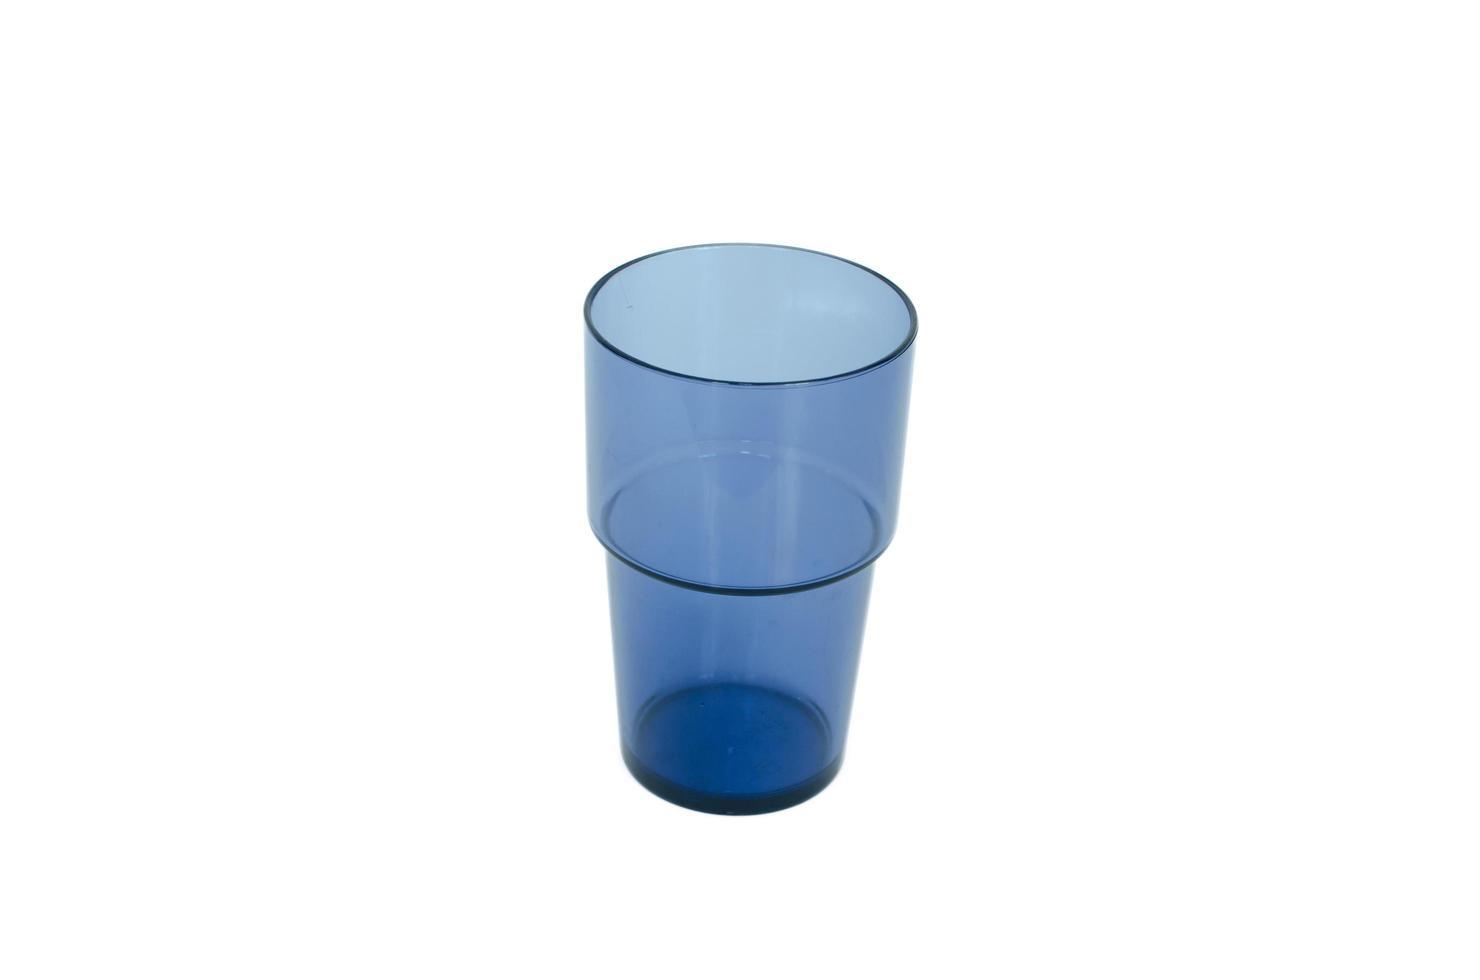 blaues Glas auf weißem Hintergrund foto